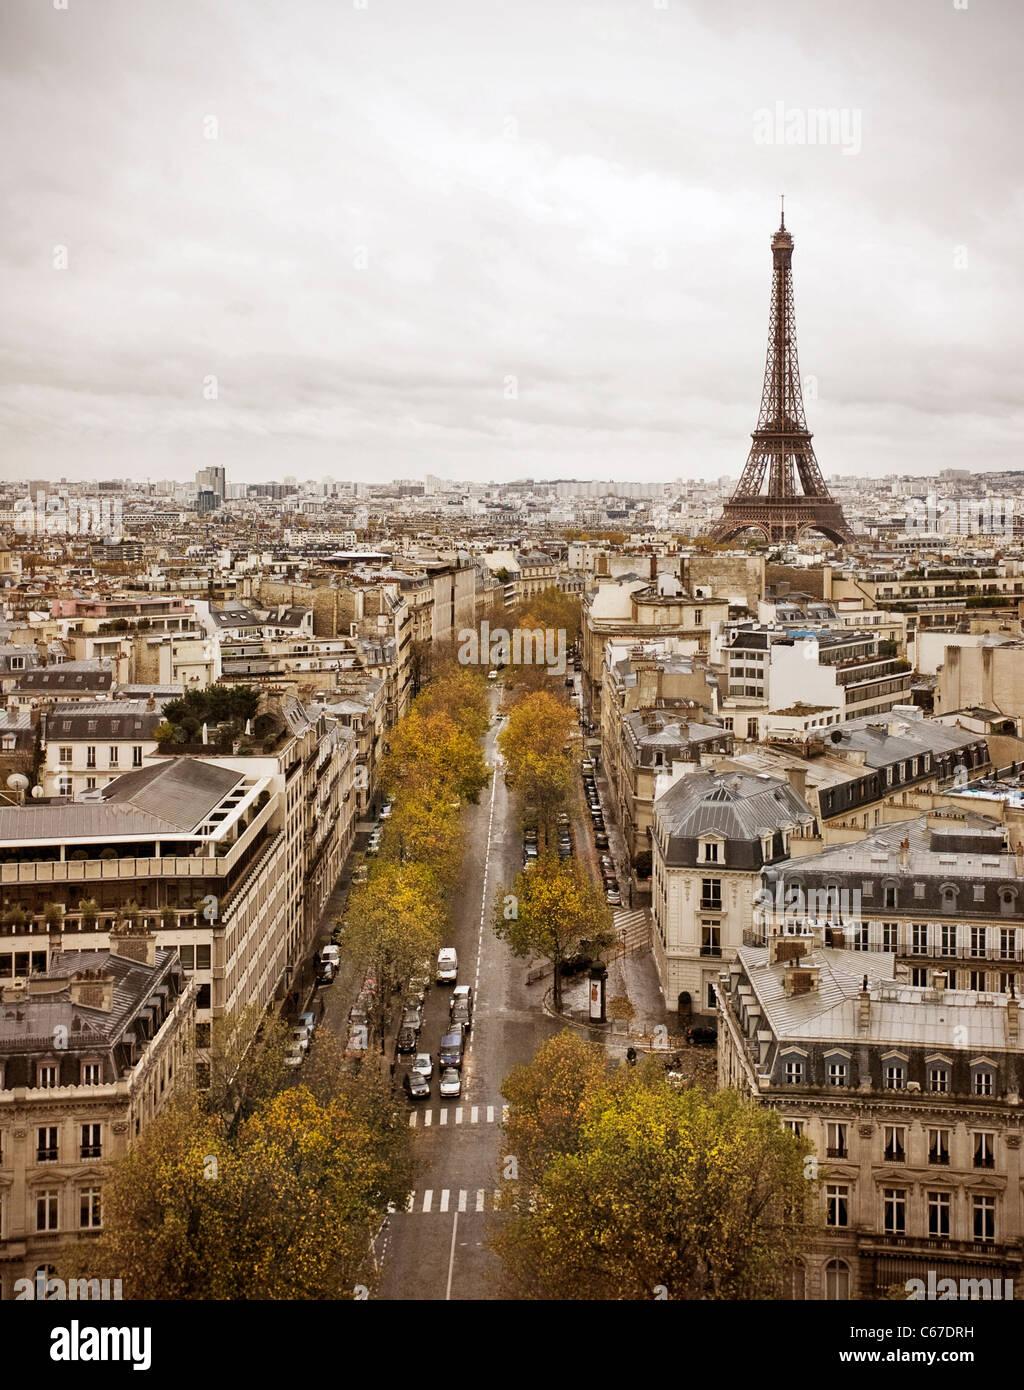 Paris skyline with Eiffel Tower. - Stock Image